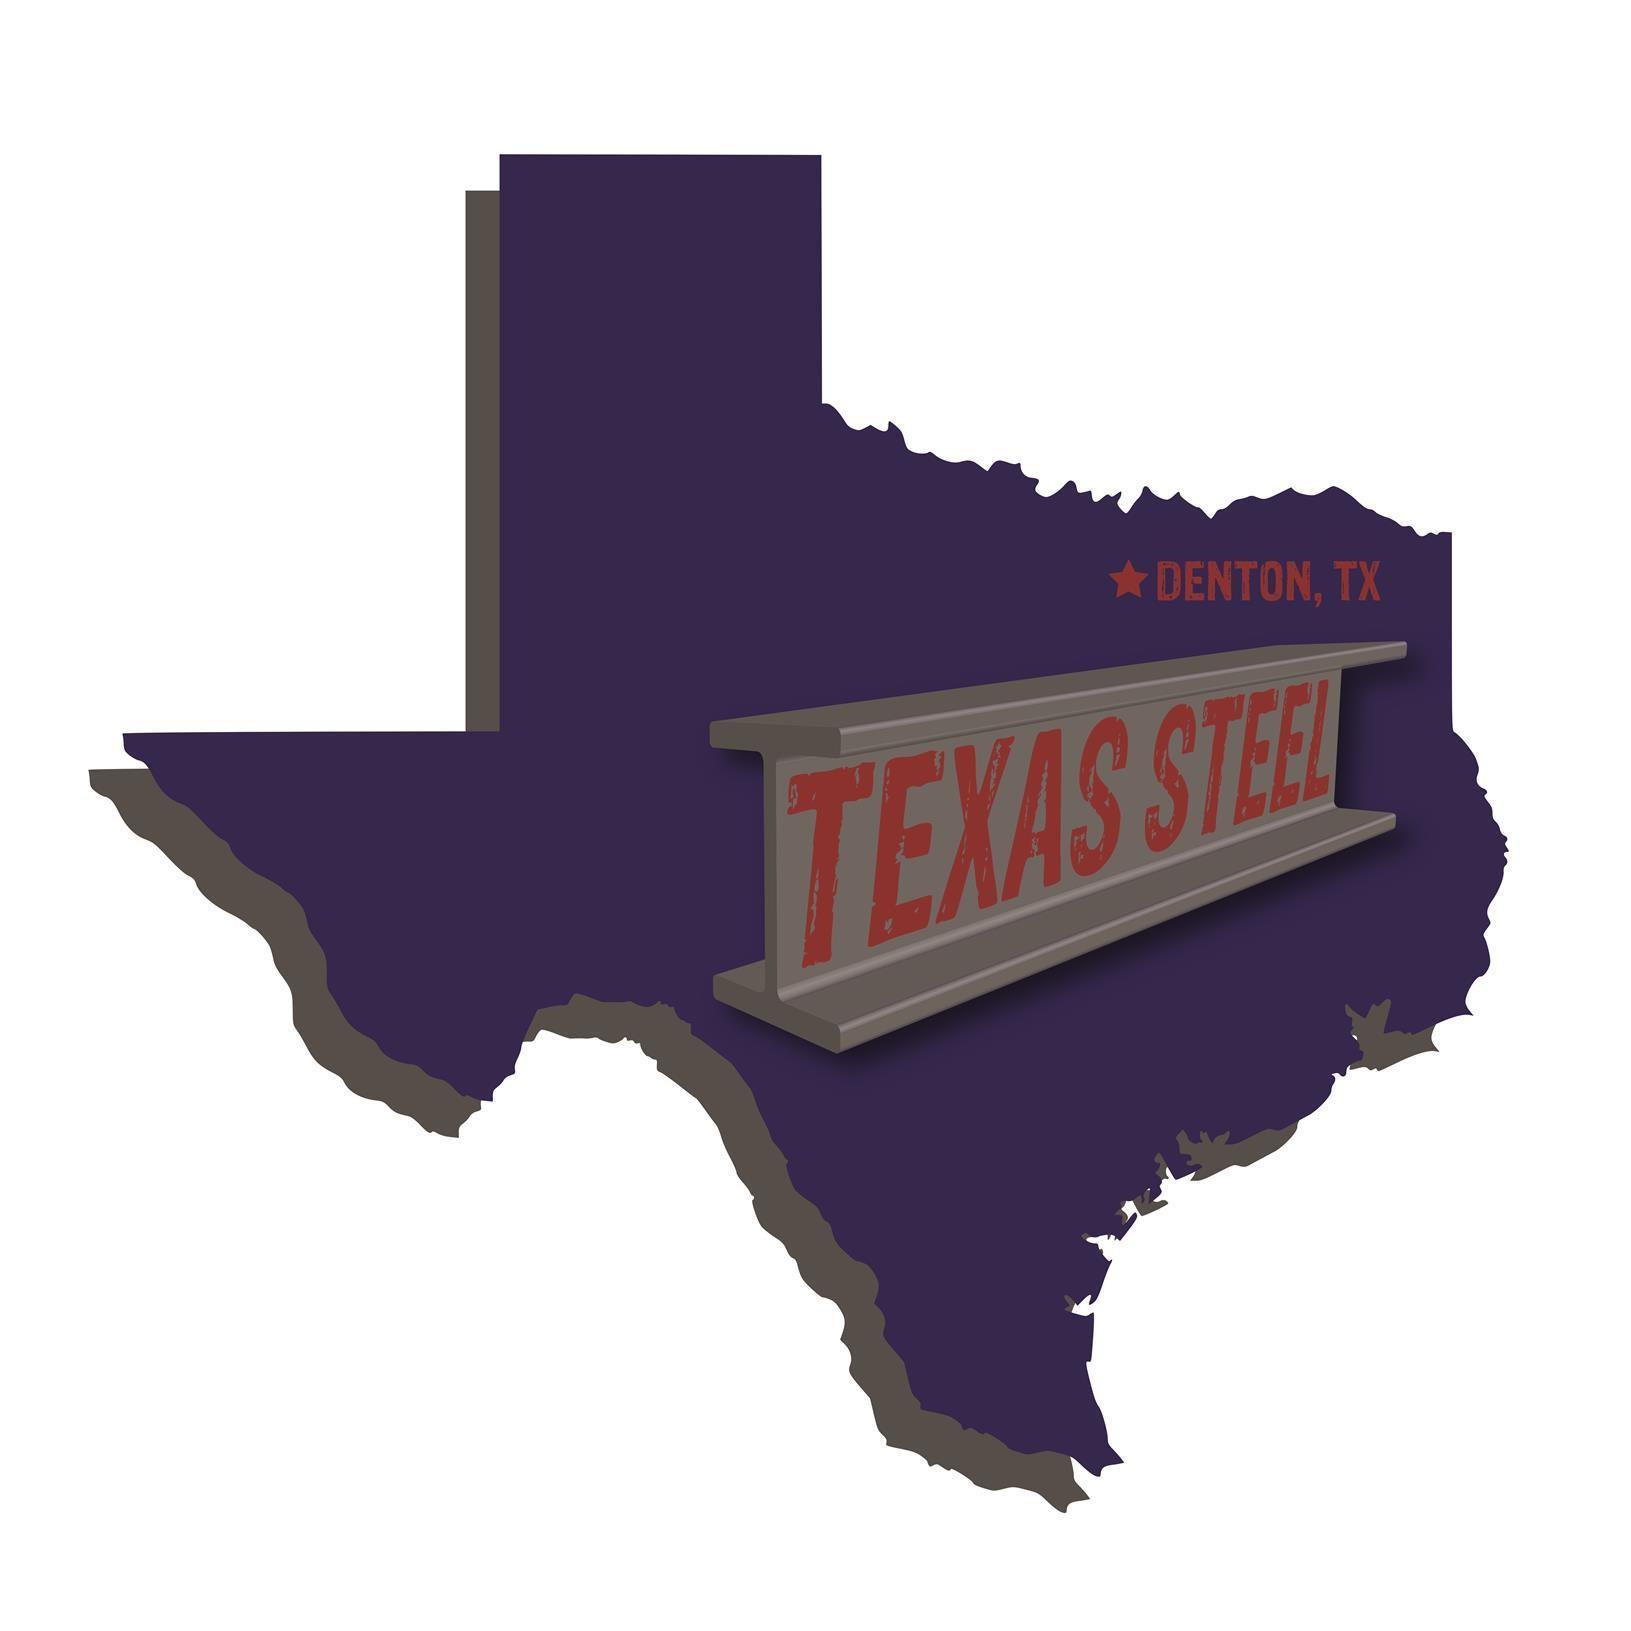 Texas Steel logo